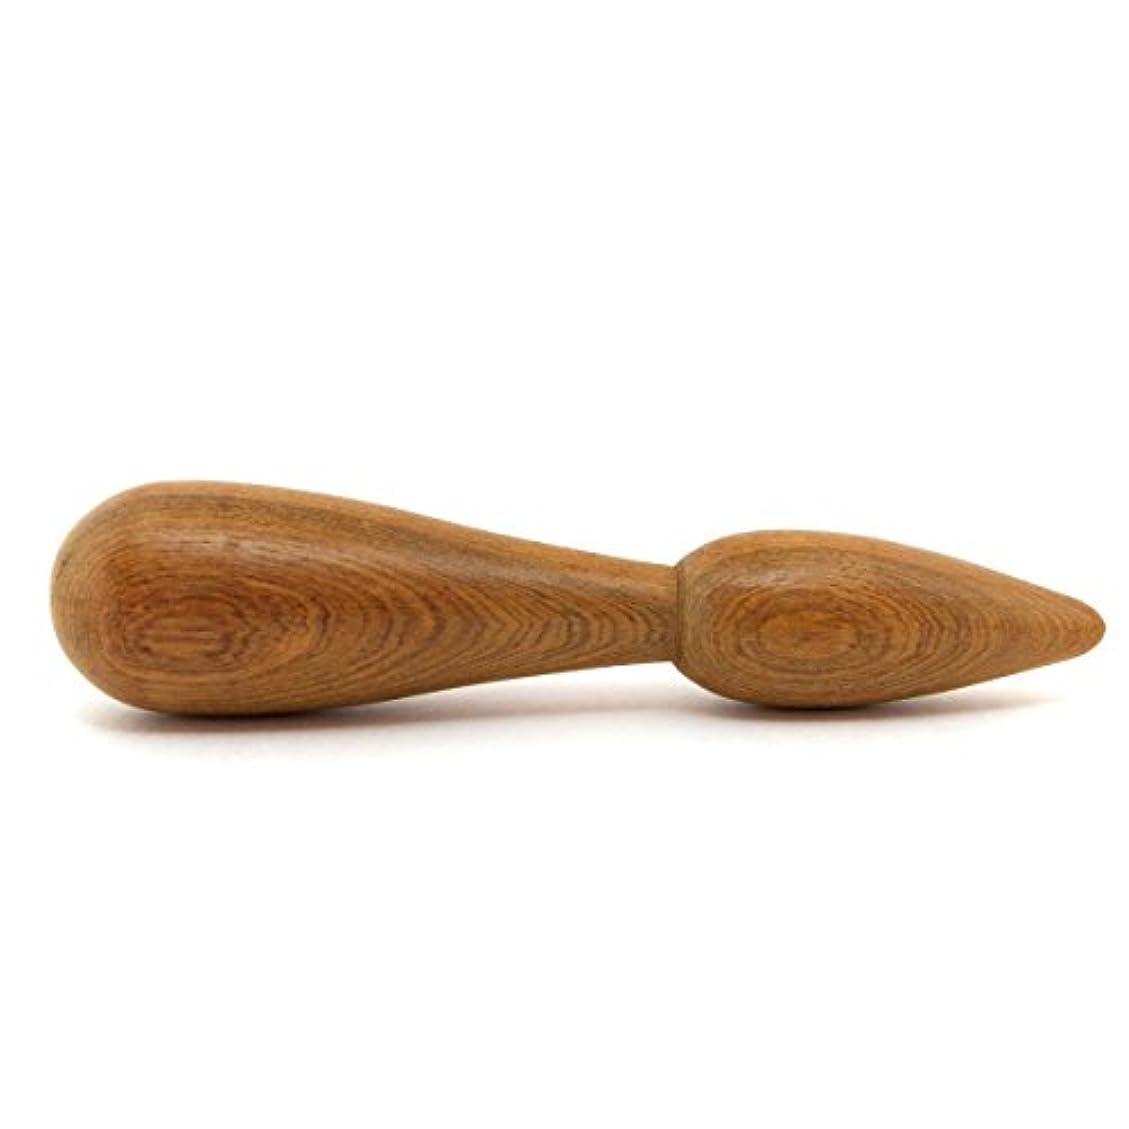 ペスト投票ひねりゴリゴリ 木製マッサージ棒